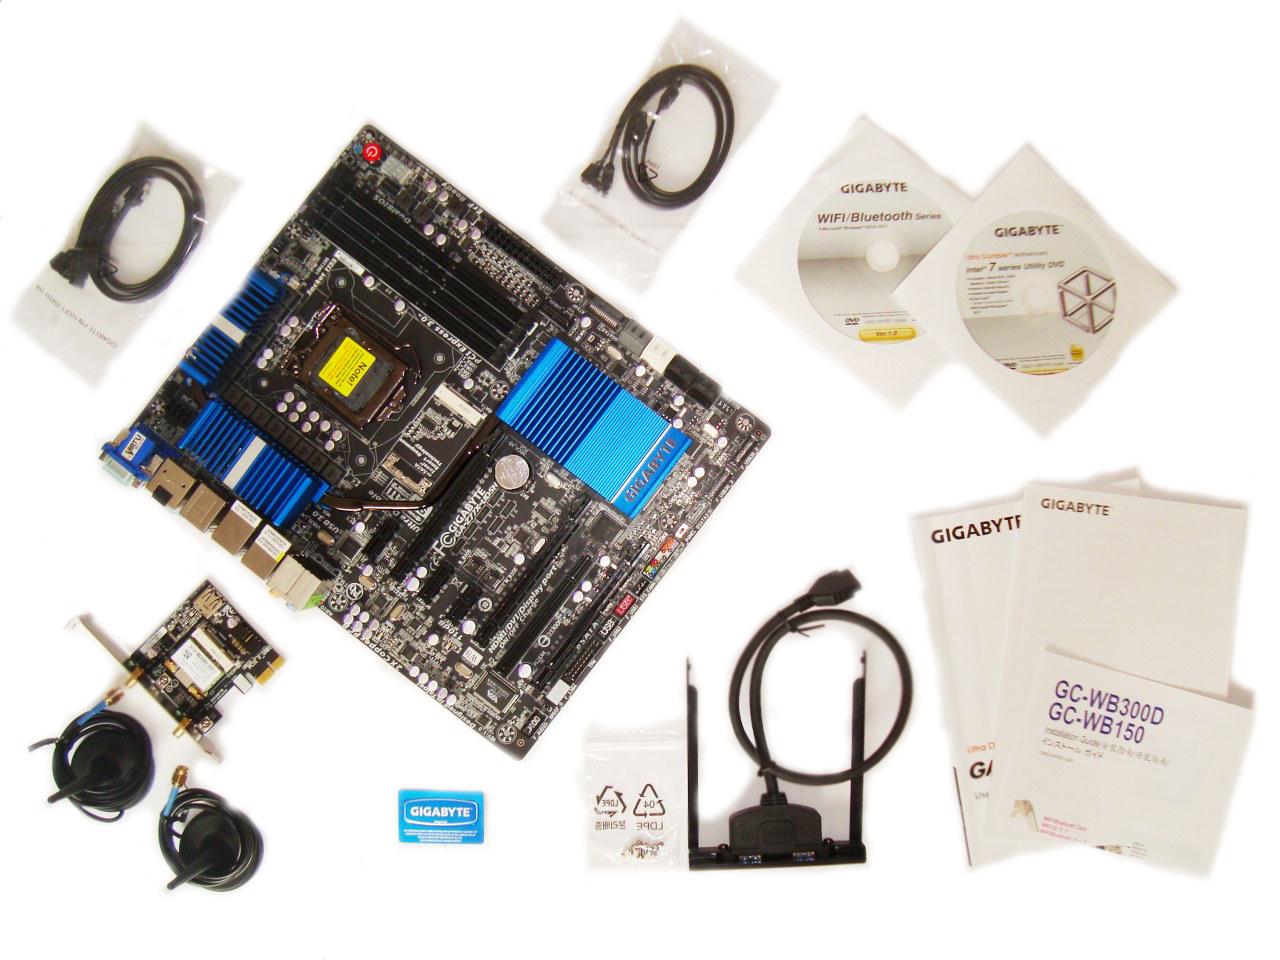 Gigabyte Z77X-UD5H-WB WIFI akcesoria